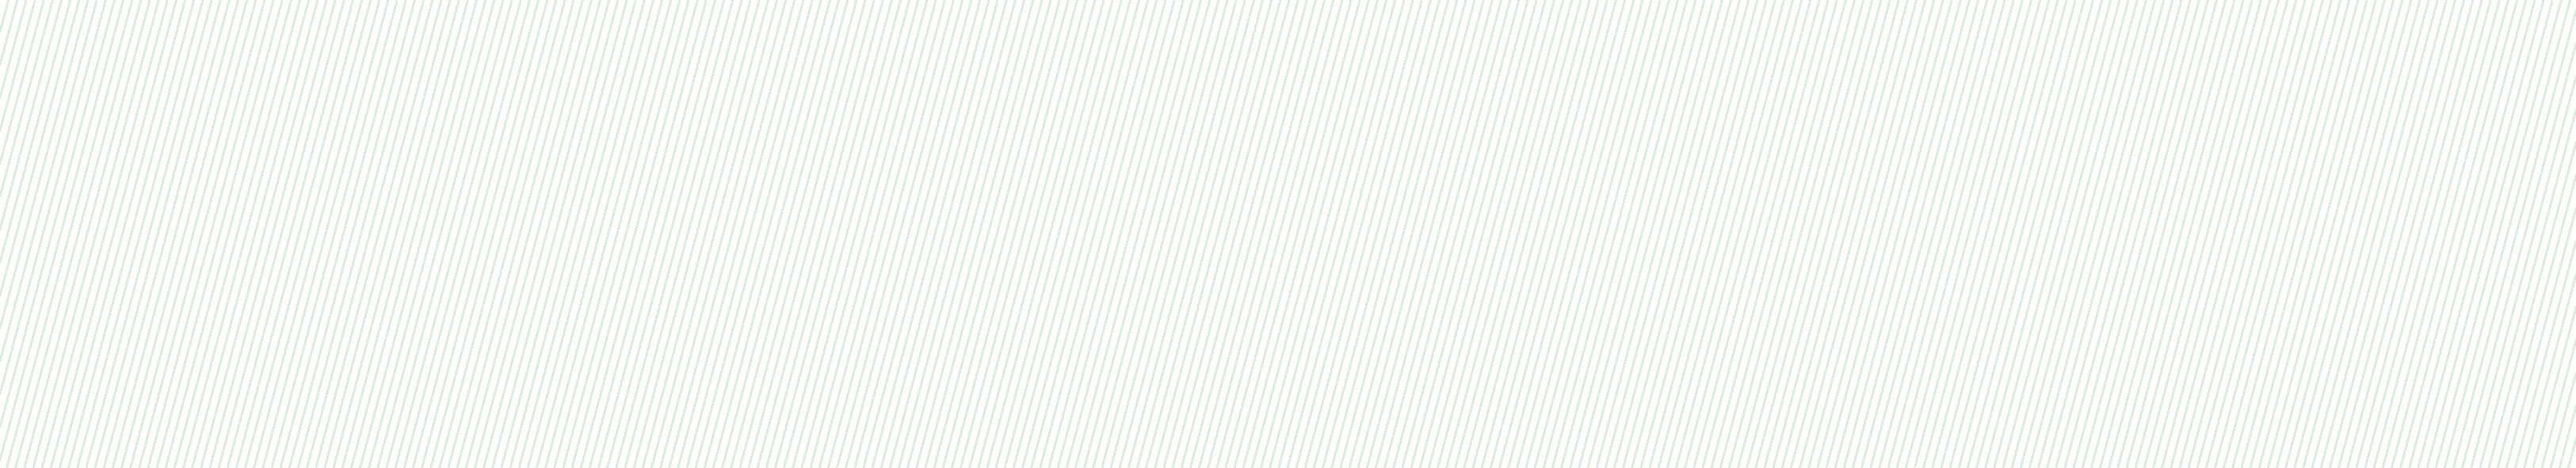 mille-etoiles-home-muntgroen-strepen